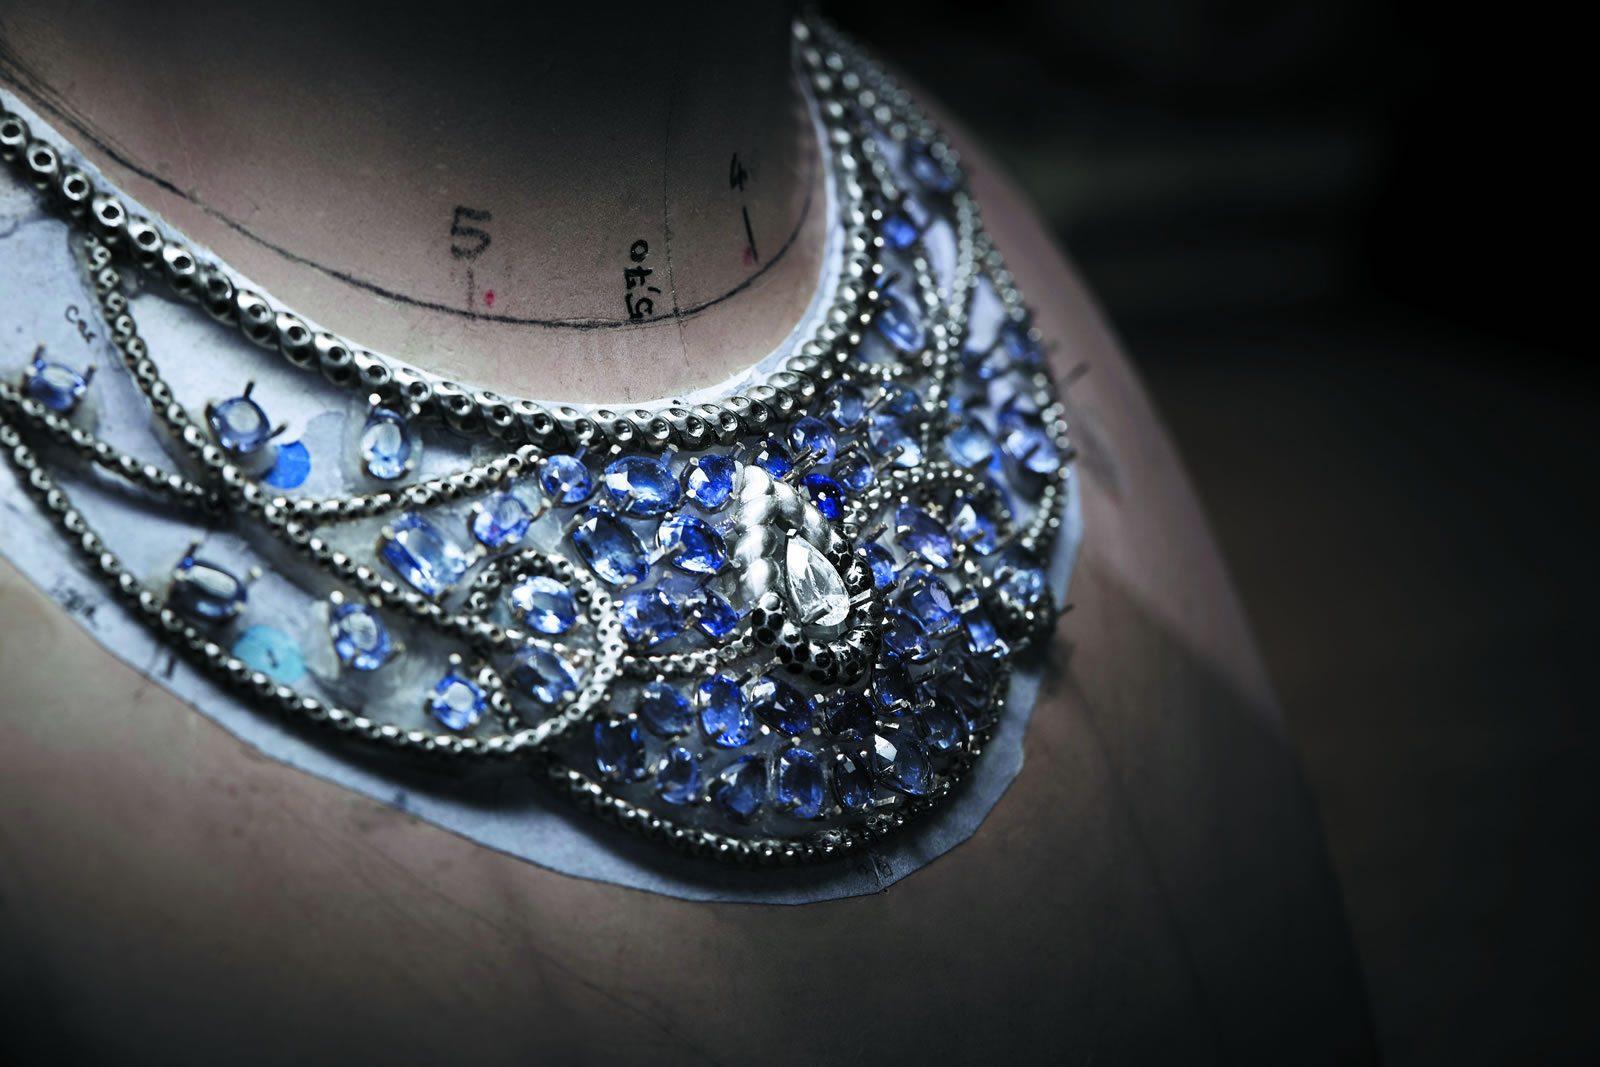 Chanel Joaillerie  Atelier de haute joaillerie  Collection audacieuse  Paris